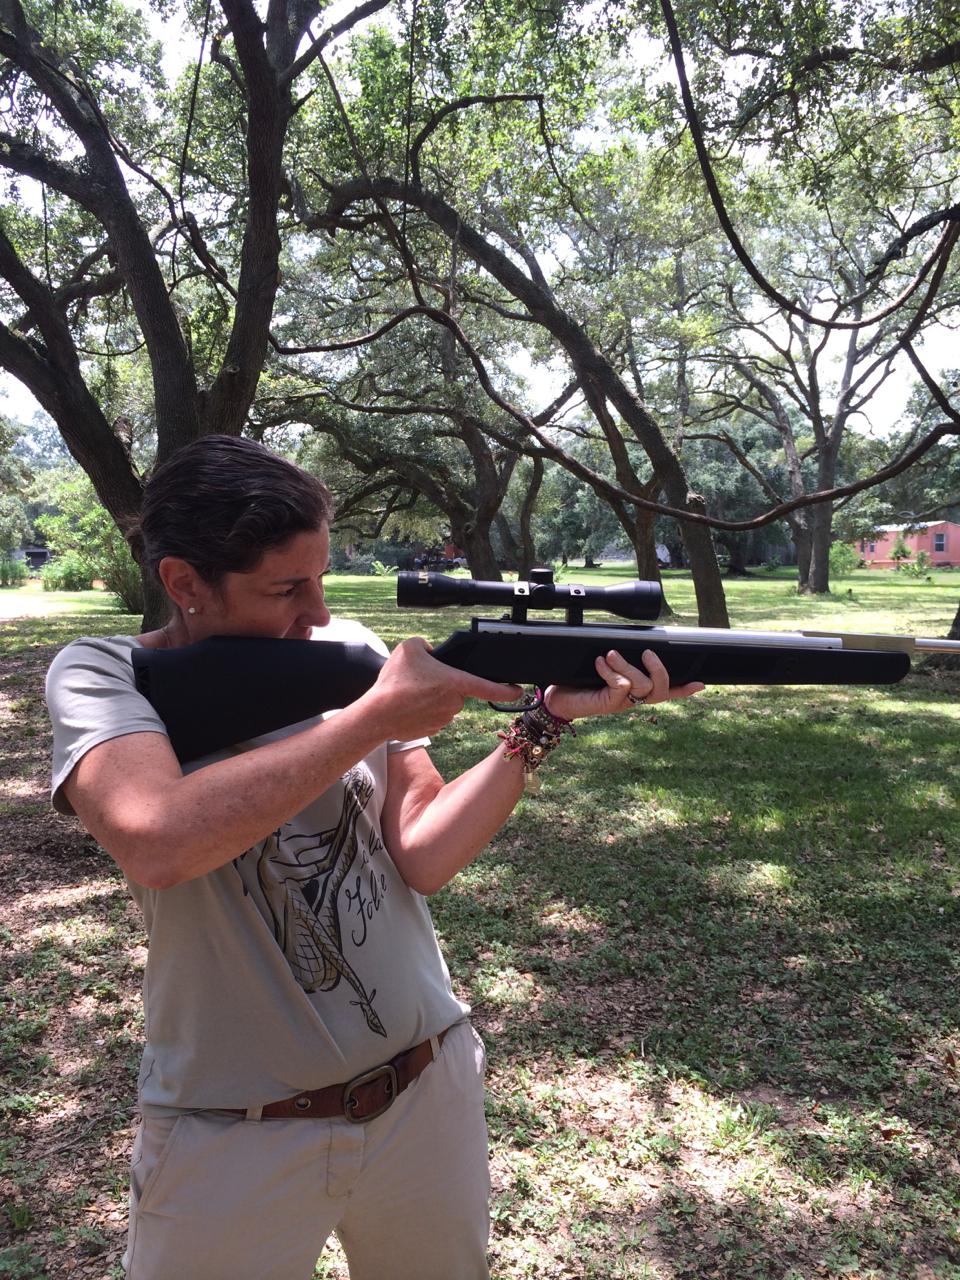 Calamity Jane!  As armas são de ar comprimido (se diz assim) para atirar no alvo.